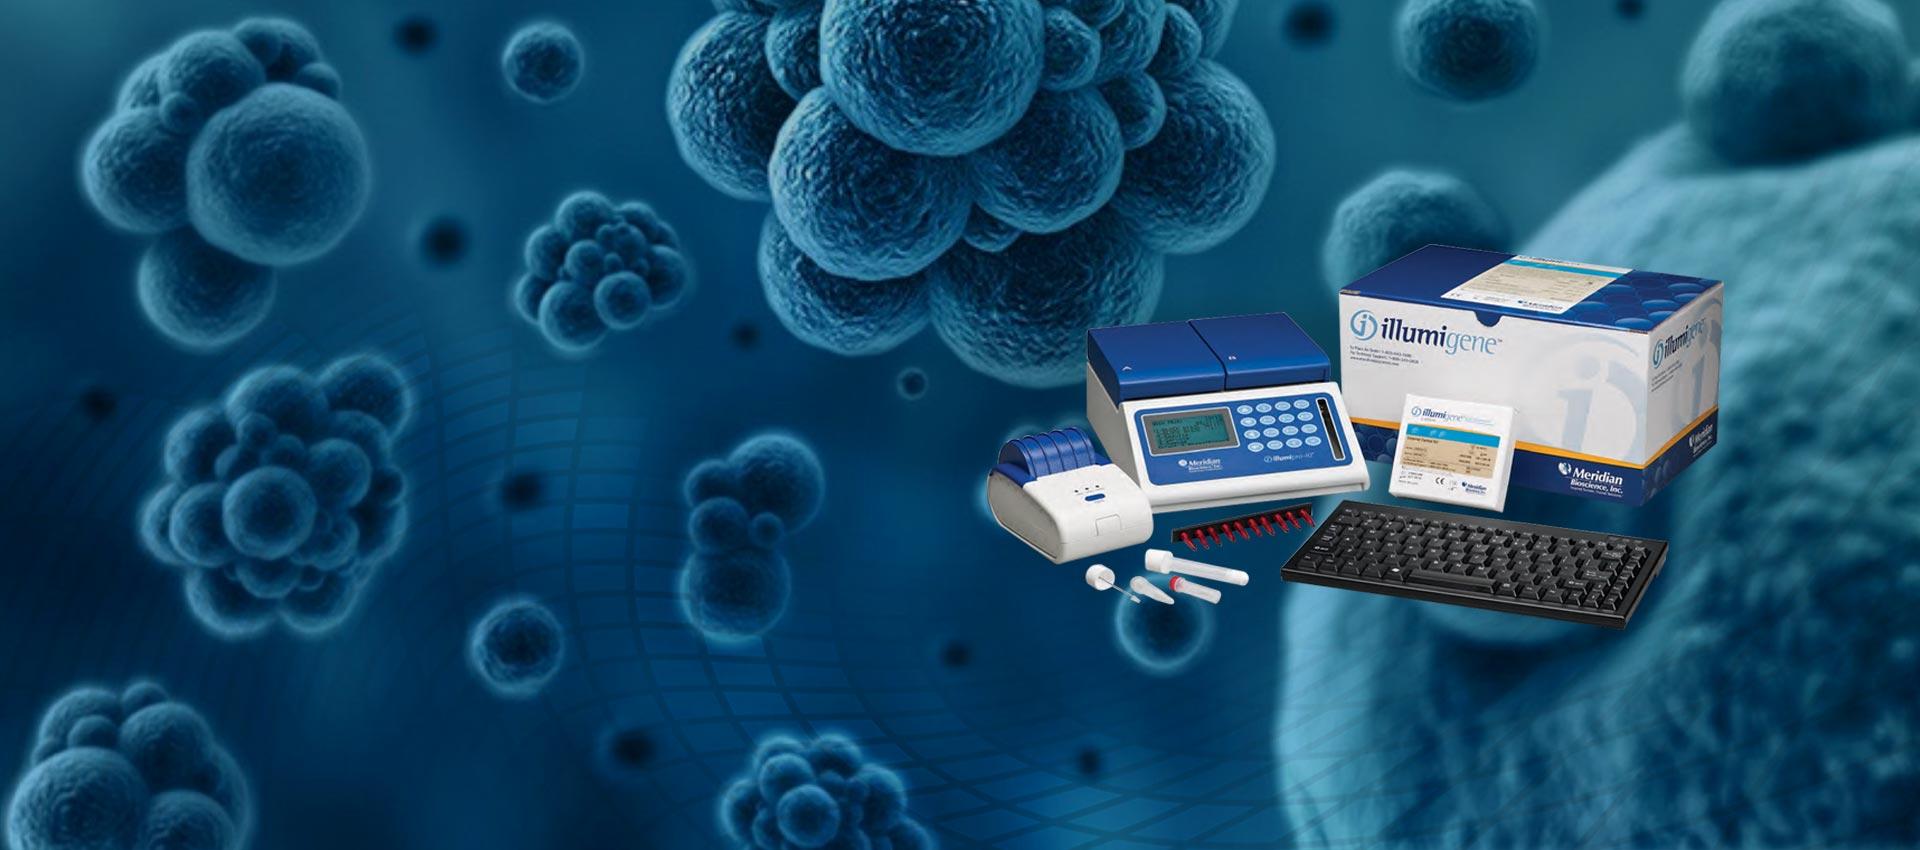 Diagnóstico <br>Molecular <br>Automatizado